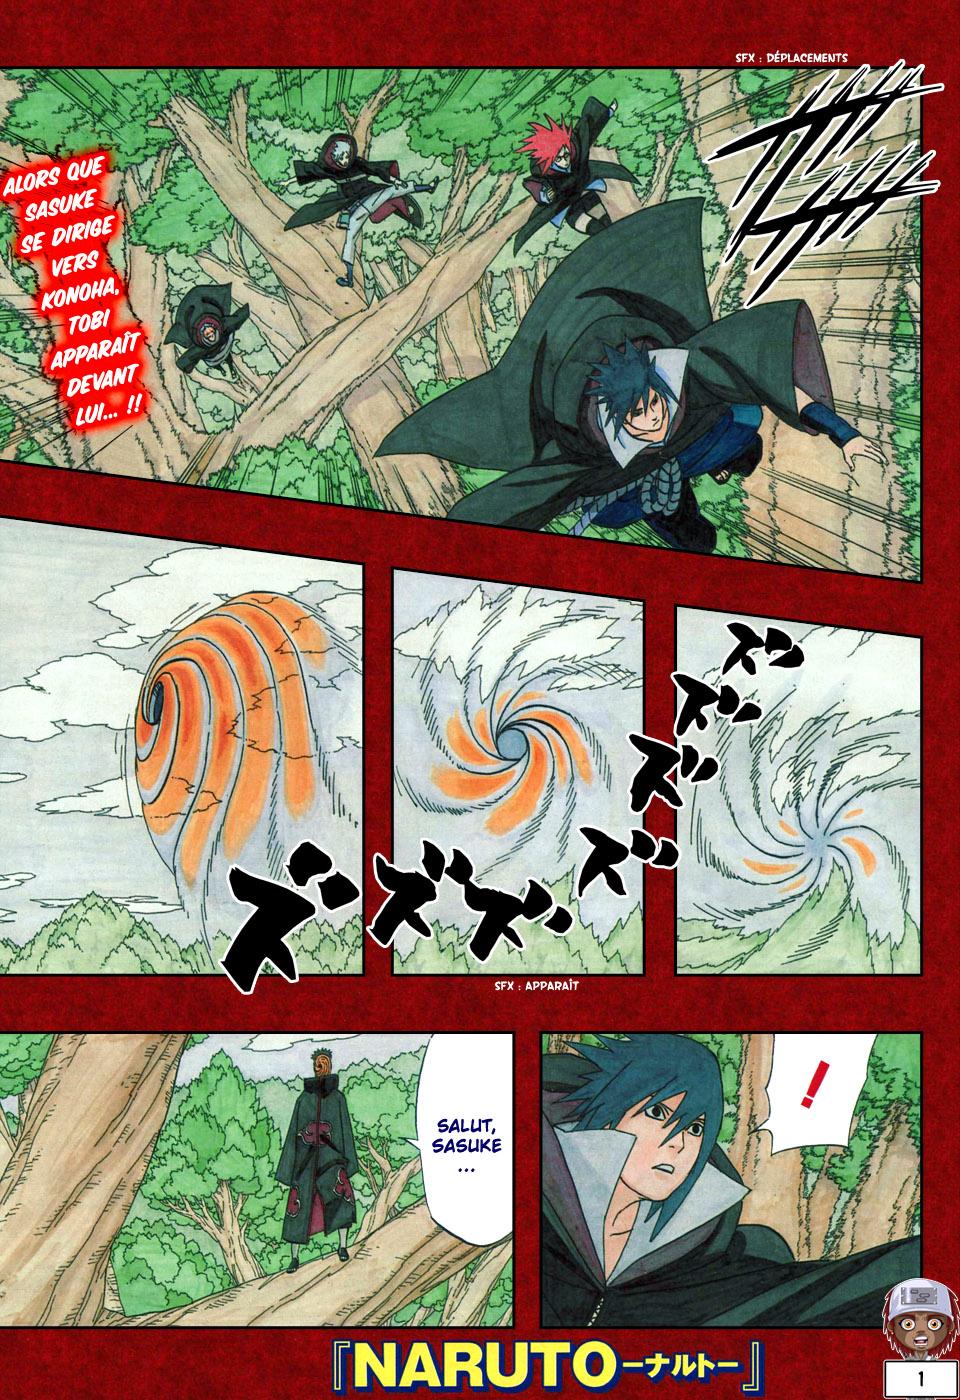 Naruto chapitre 453 - Page 1